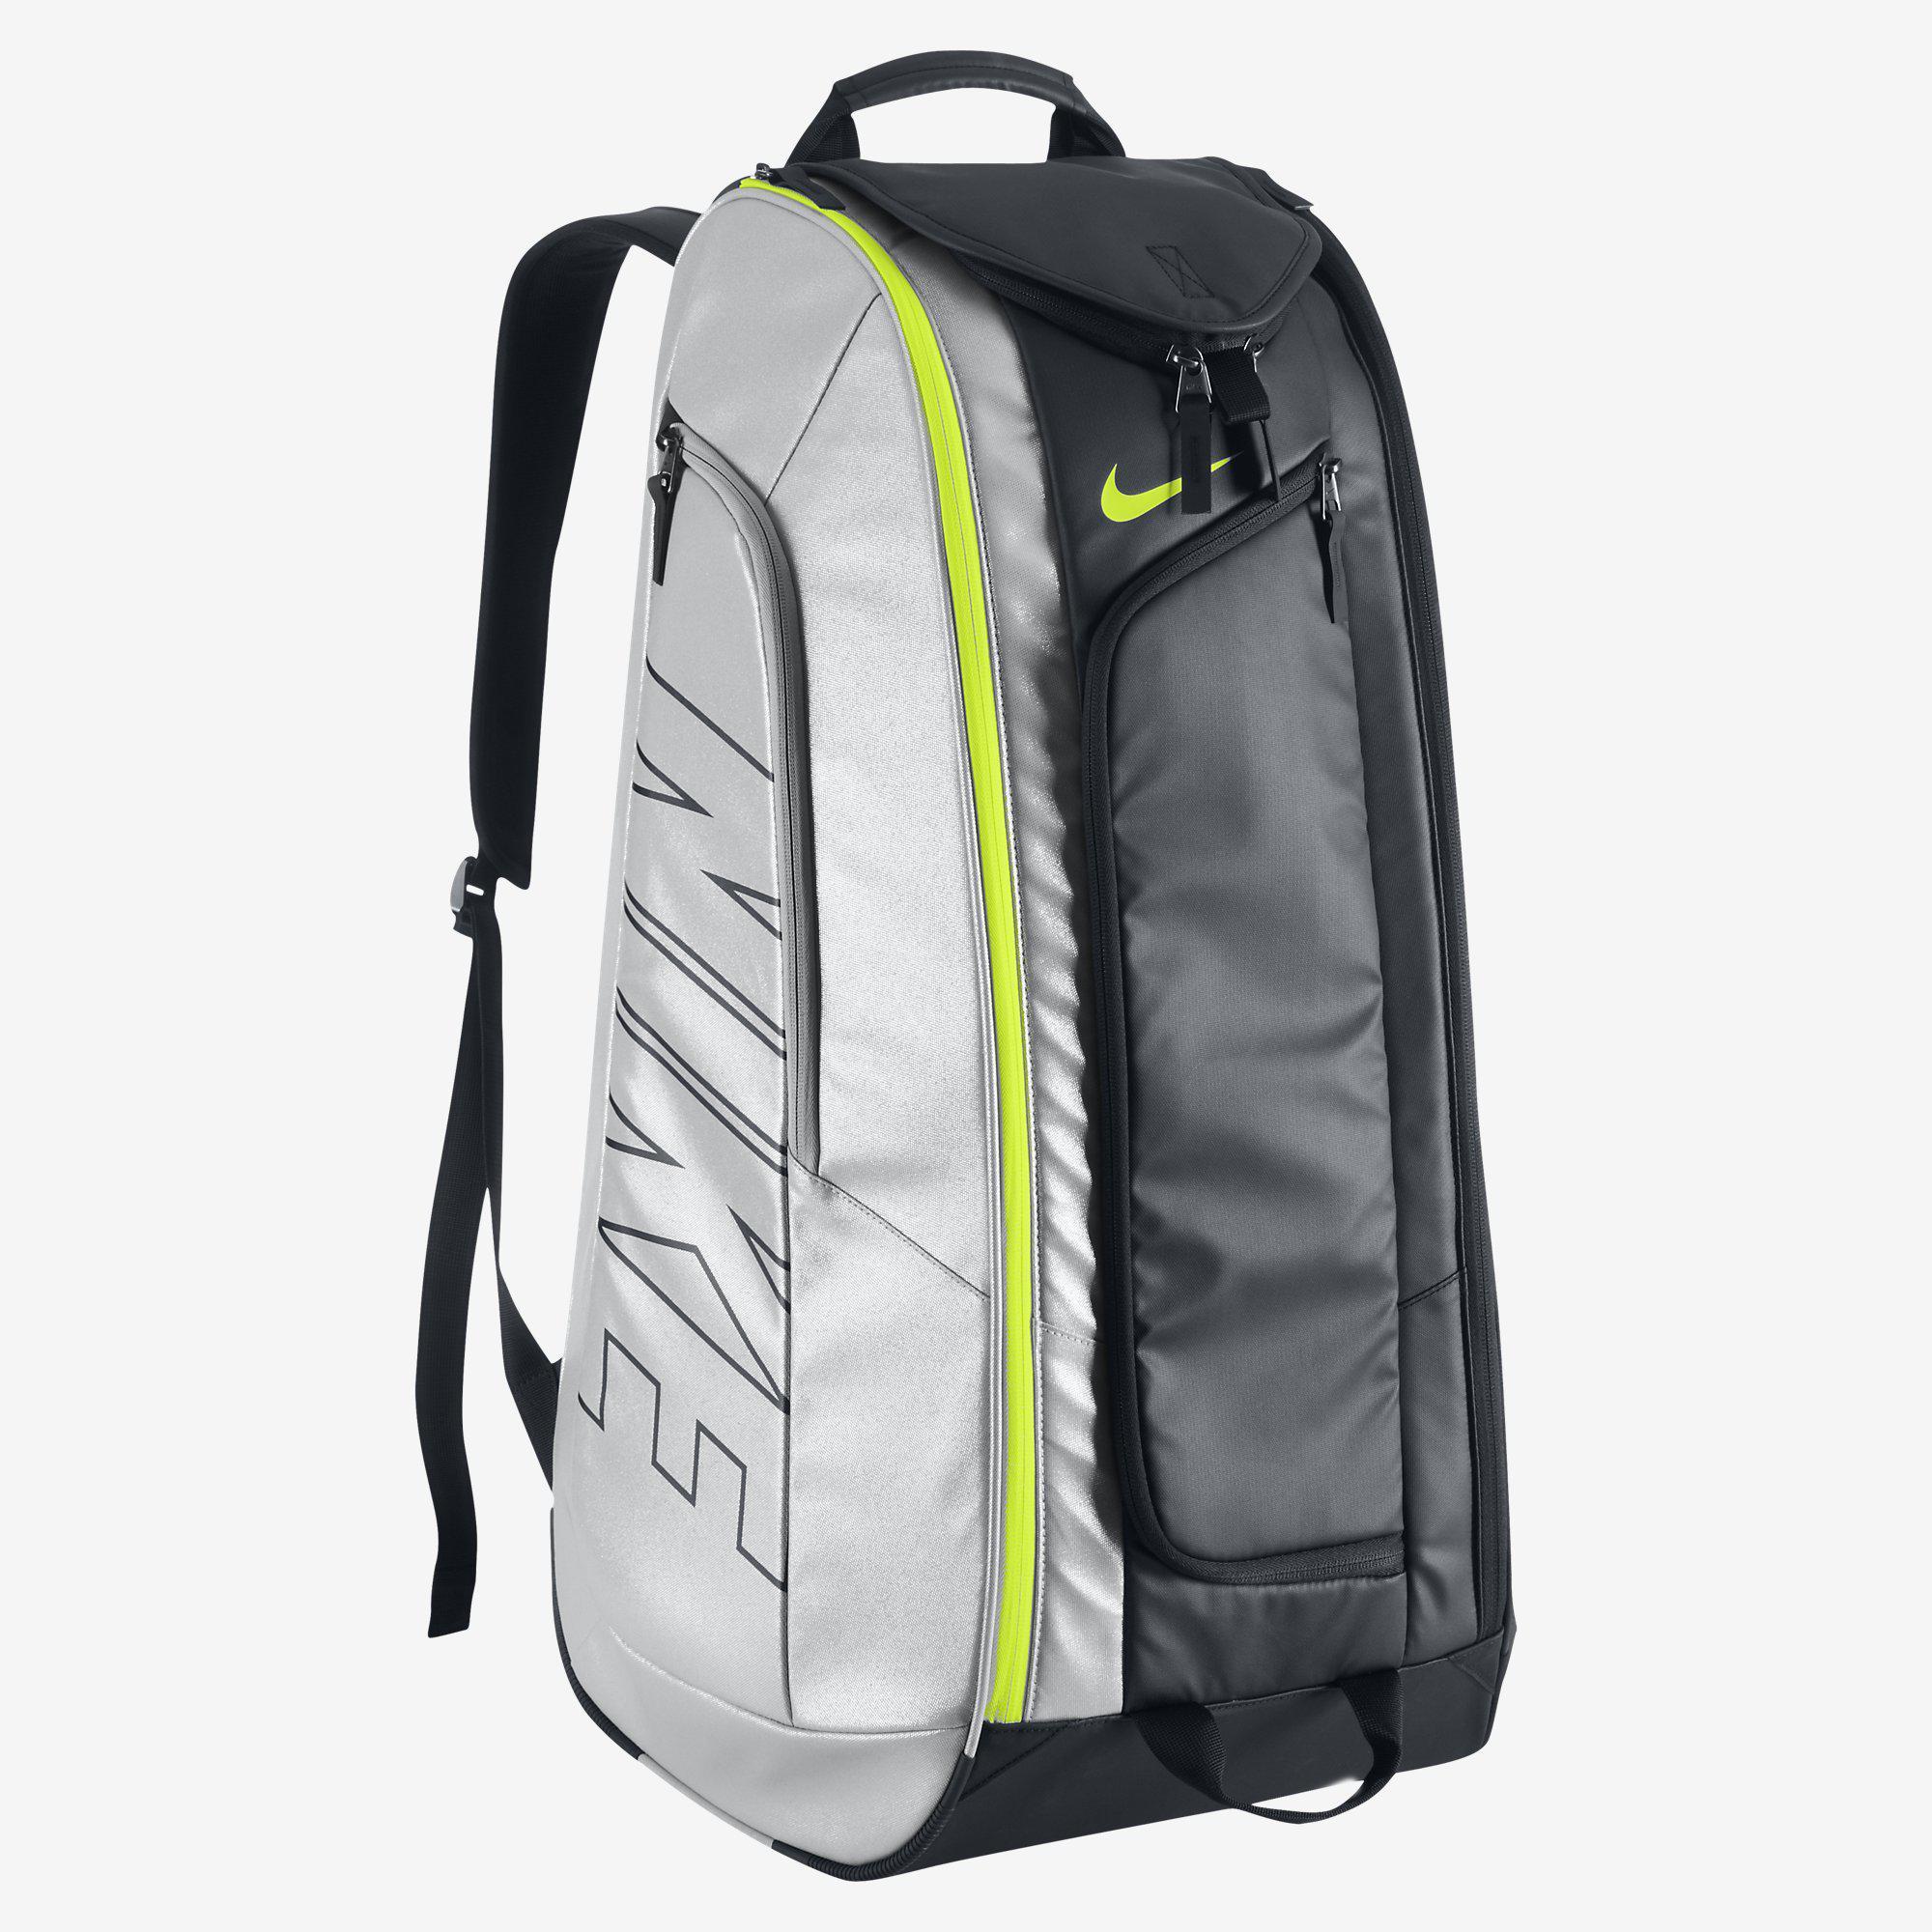 Nike Court Tech 1 Racket Bag - Black/Silver